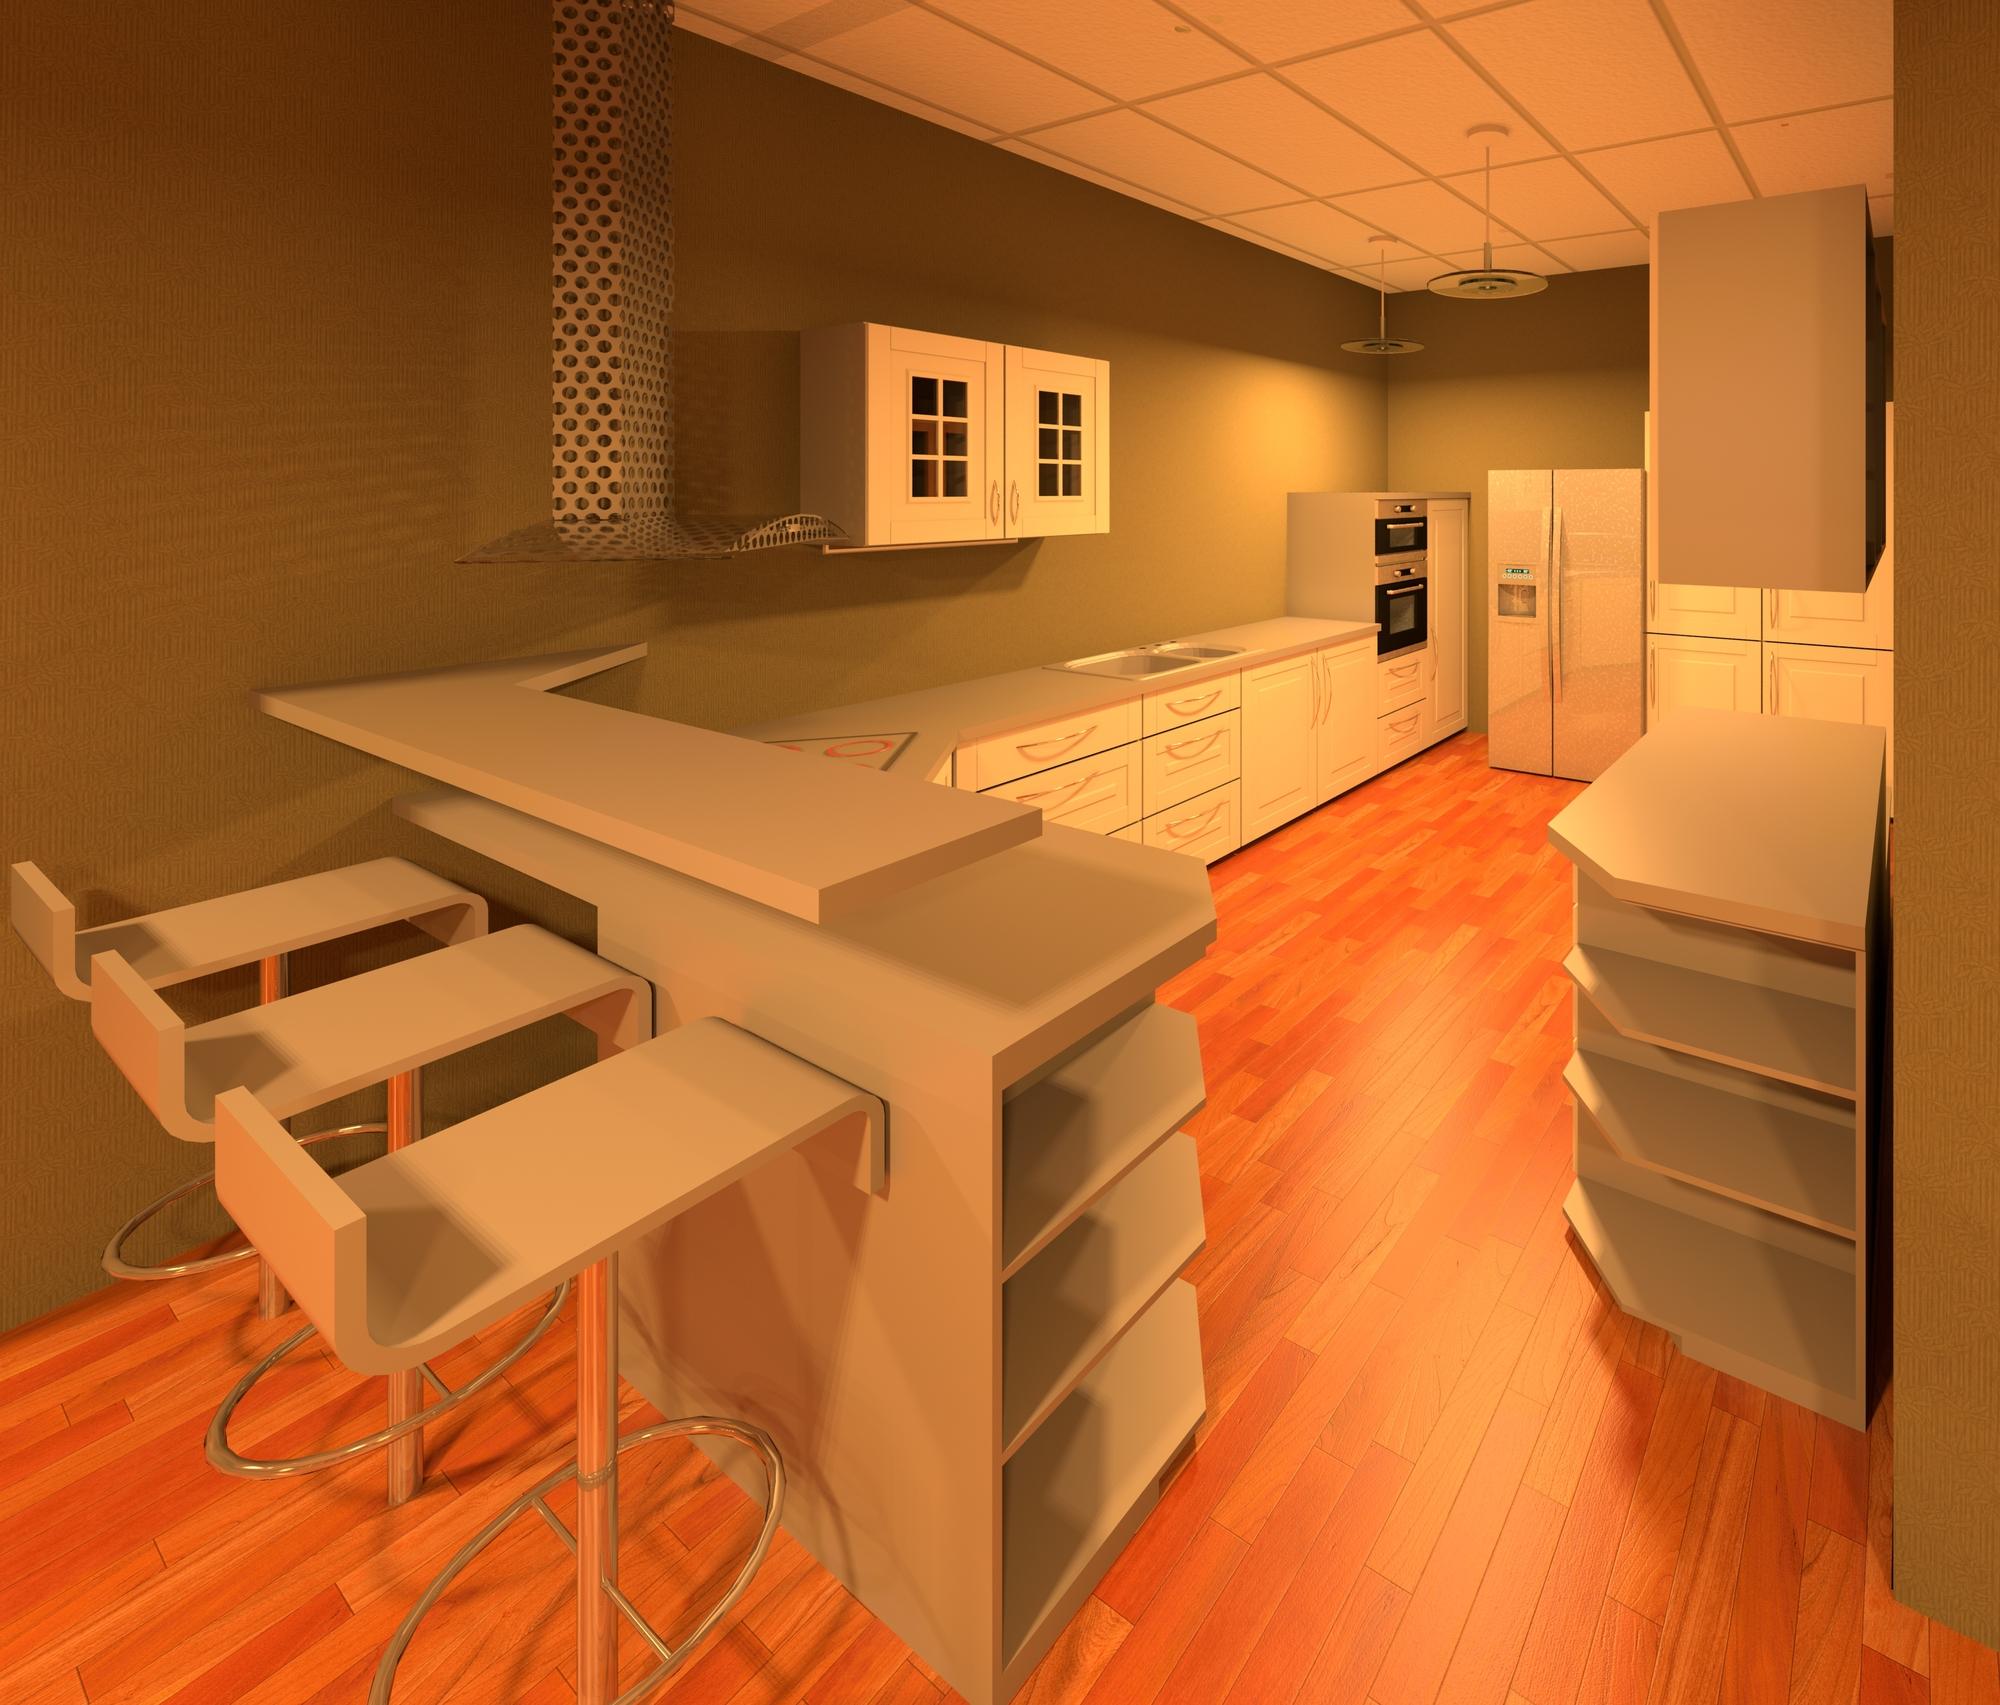 Raas-rendering20140930-5011-tzfz5j